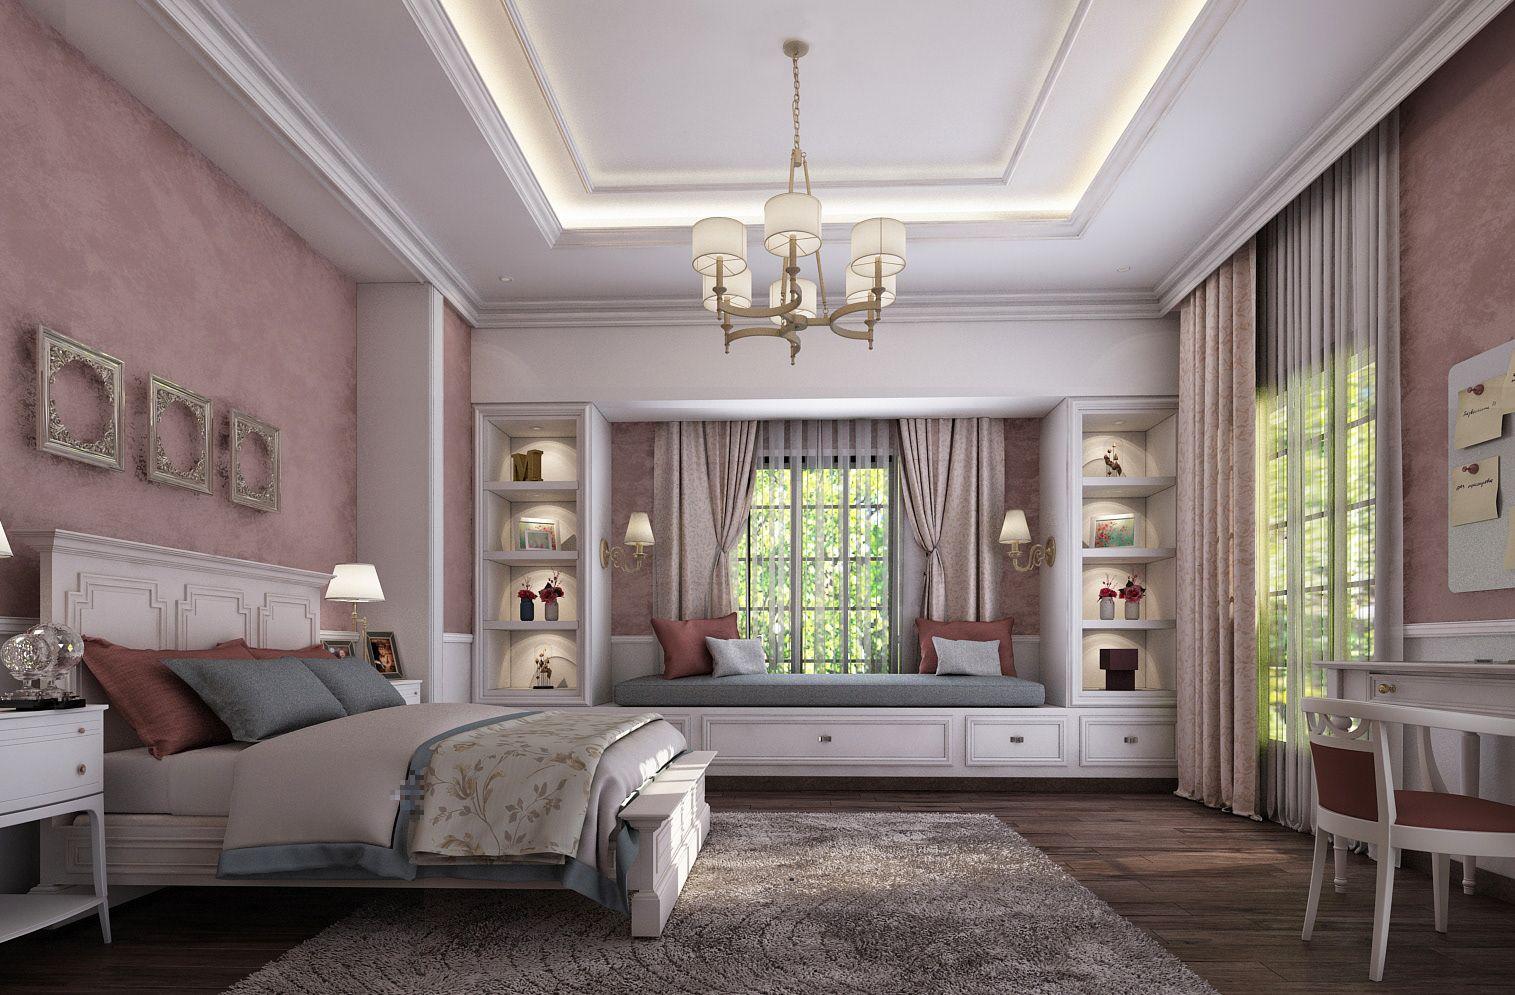 The sofa bed · 6. Luxury Master Bedroom Ideas Design Trends 2020 Aluminr Bespoke Luxury Metal Door Manufacturers In 2021 Luxury Bedroom Master Modern Luxury Bedroom Room Design Bedroom